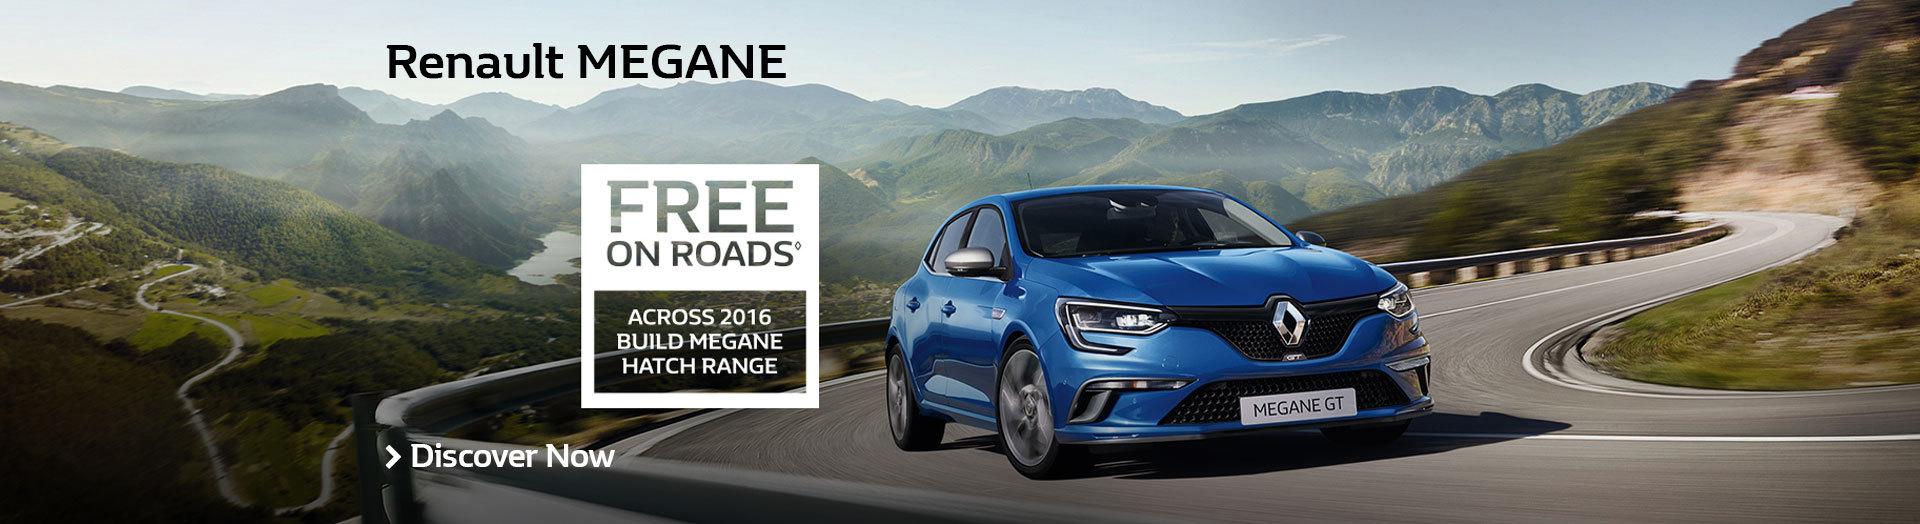 Renault - National Offer - Renault Megane - Free On Roads Across 2016 Build Mega